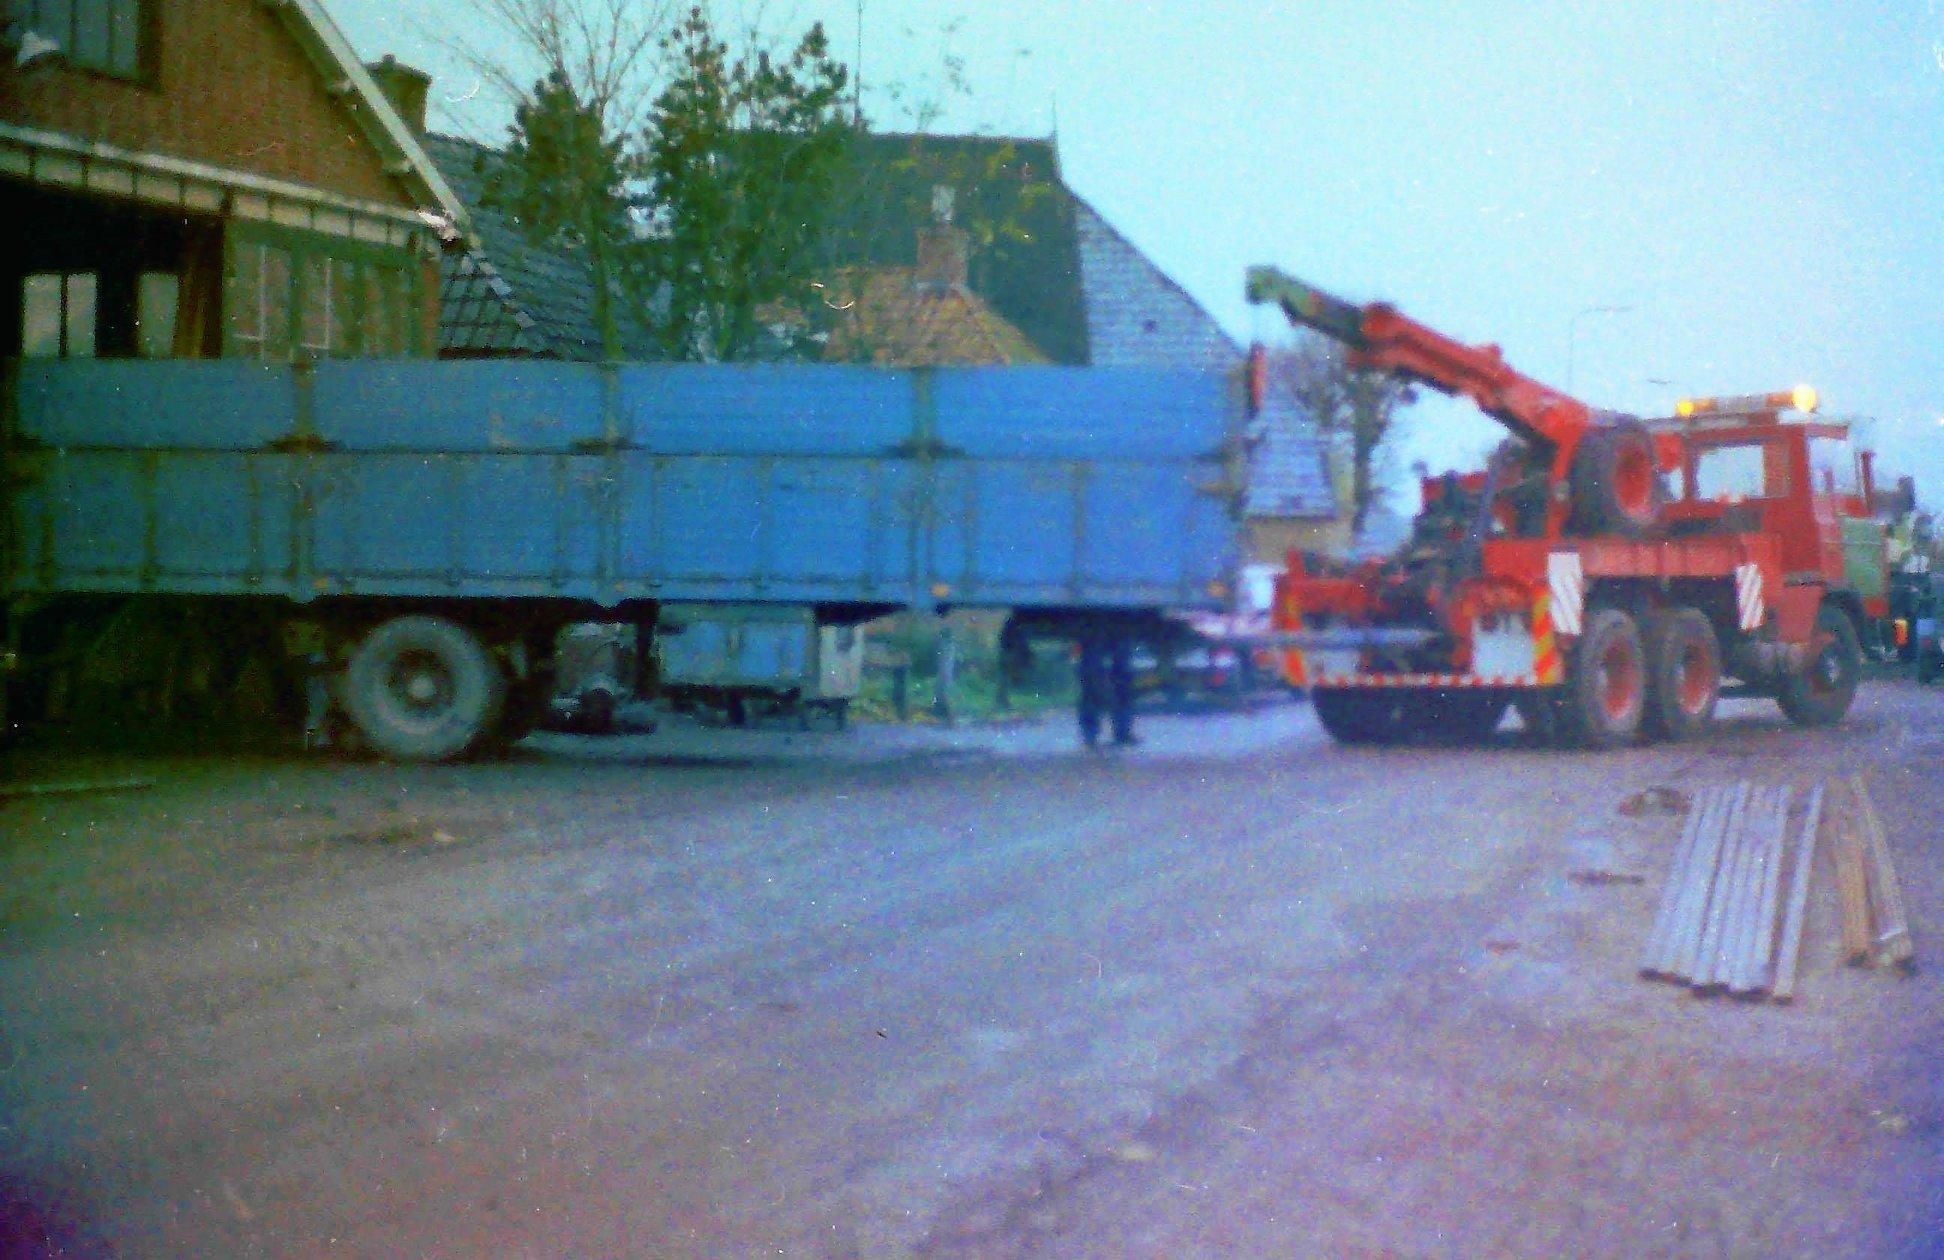 RAF-bieten-tandemas-aanhangwagen-van-Althuisius-uit-Tzummarum--2